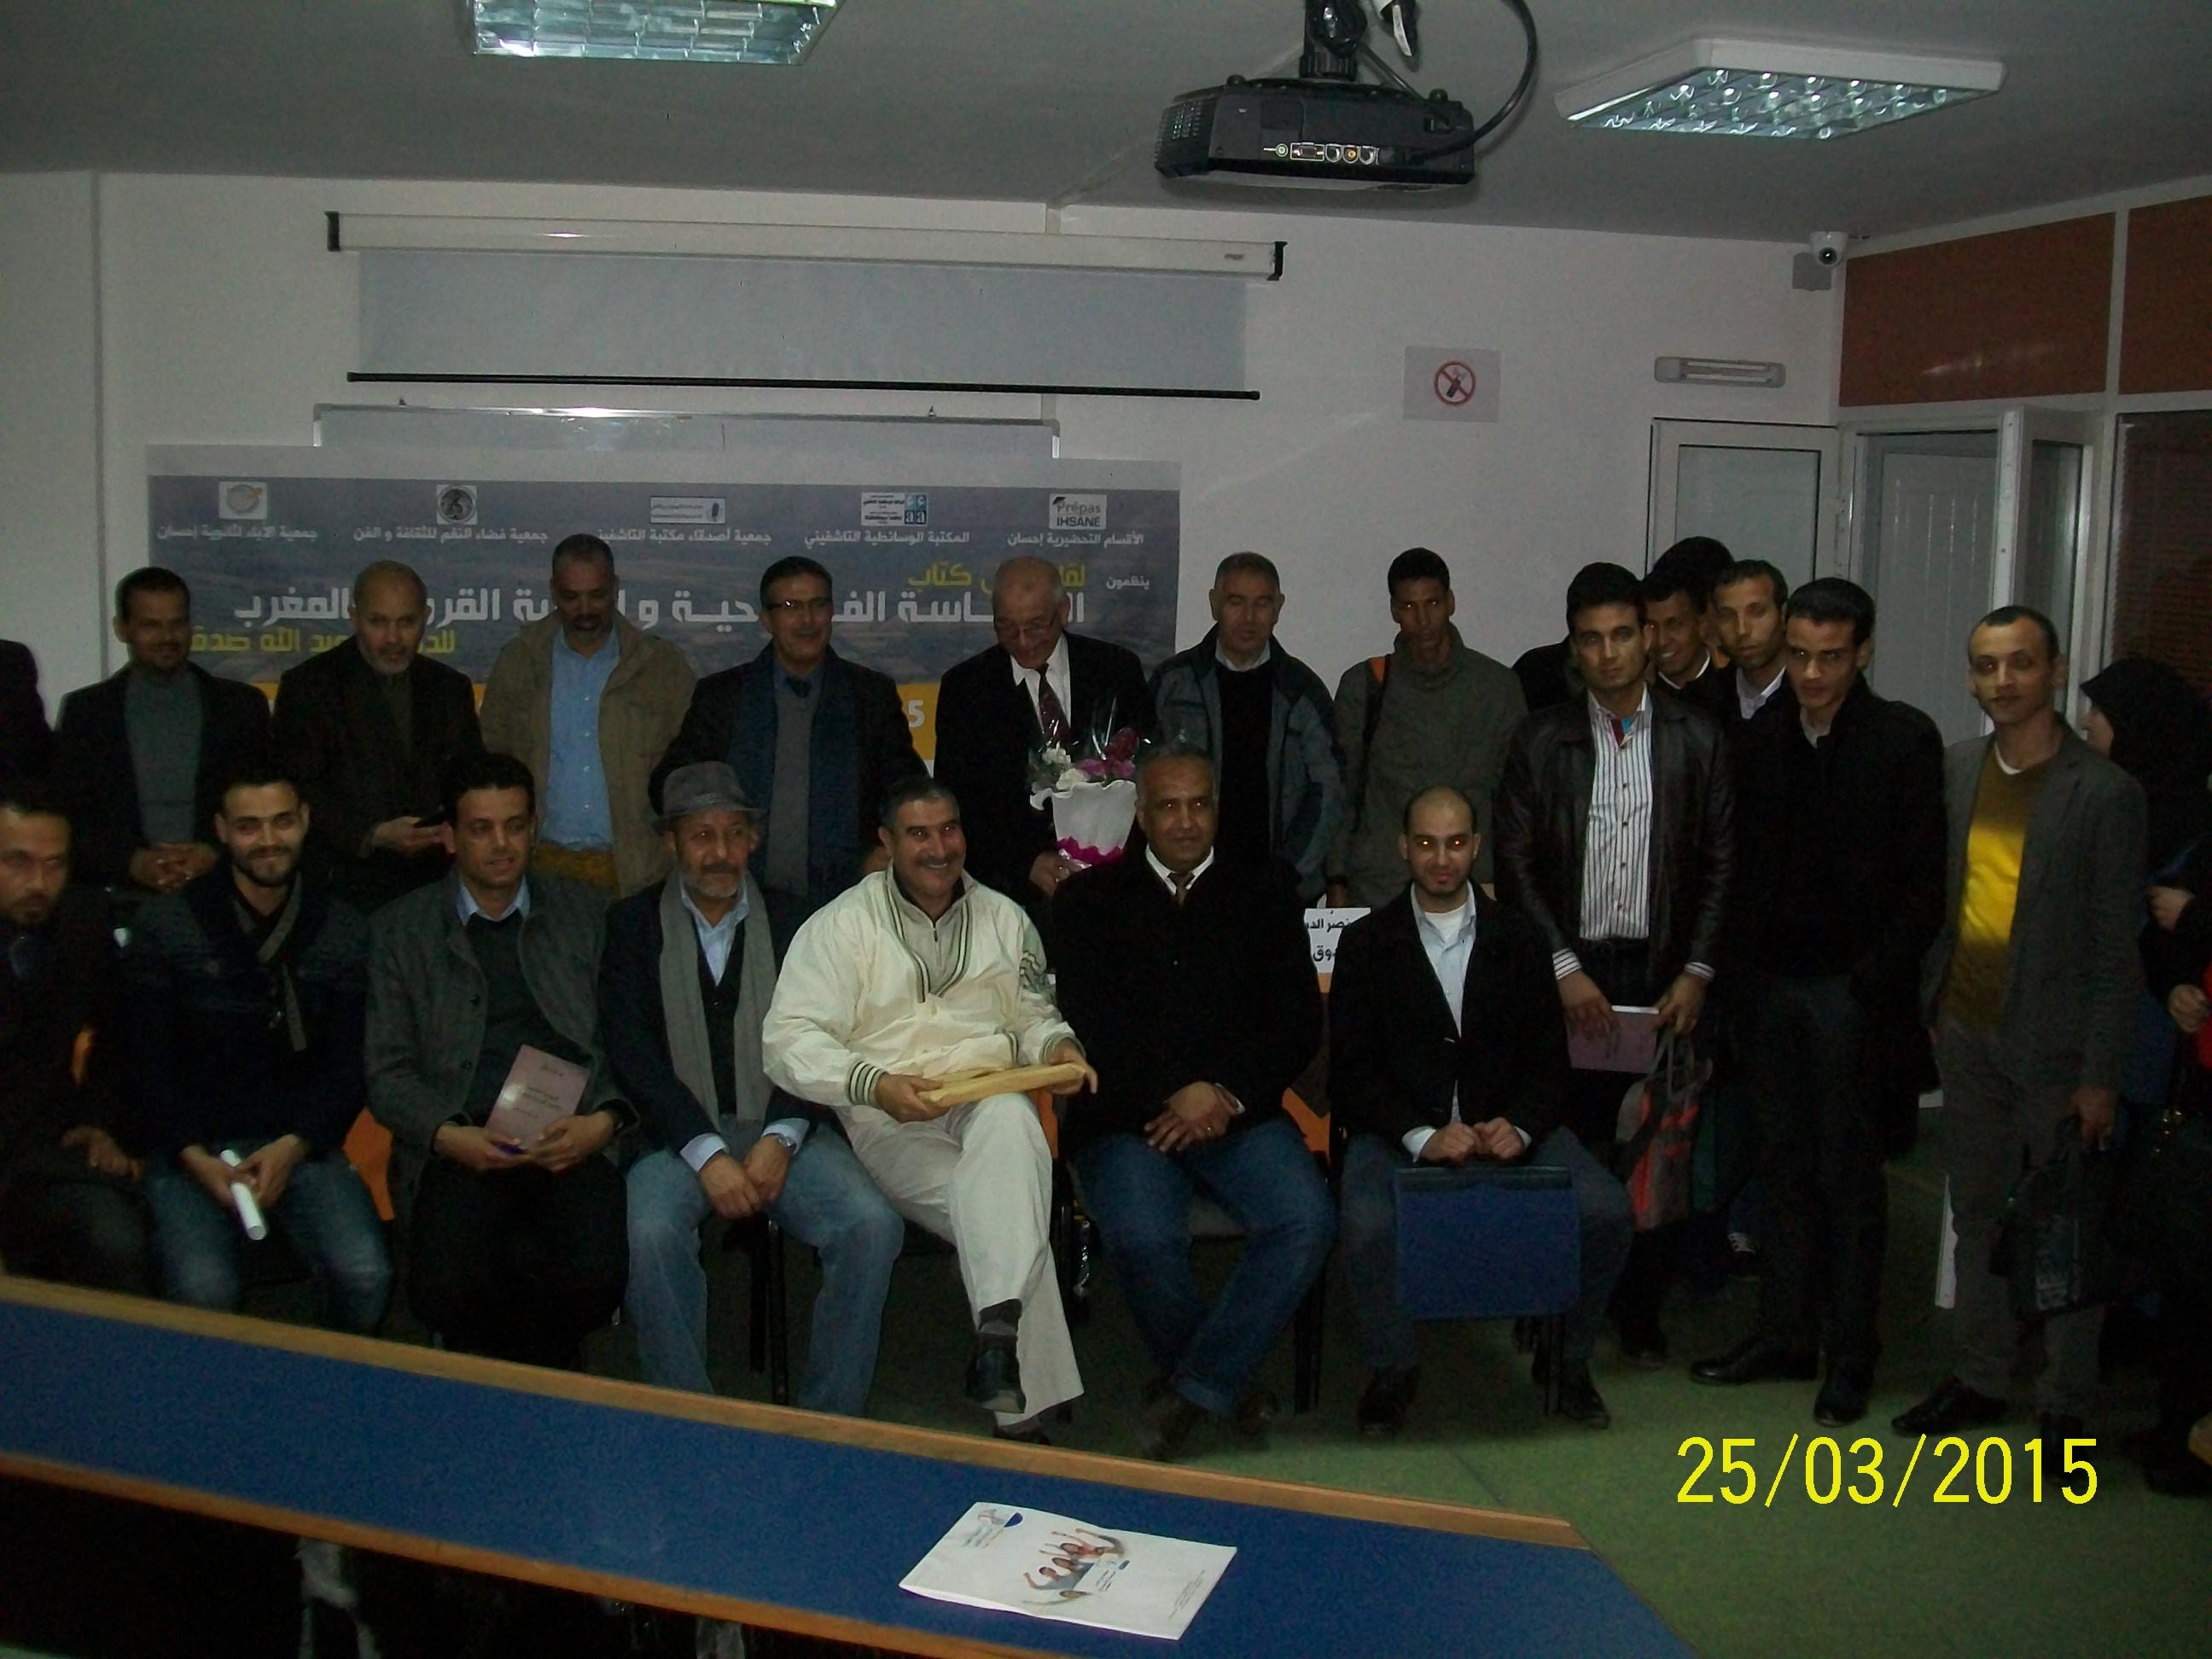 الدكتور عبد الله صدقي ألقى عرضا قيما بمدرسة احسان أمام مهتمين و باحثين و أساتذة اختصاصيين